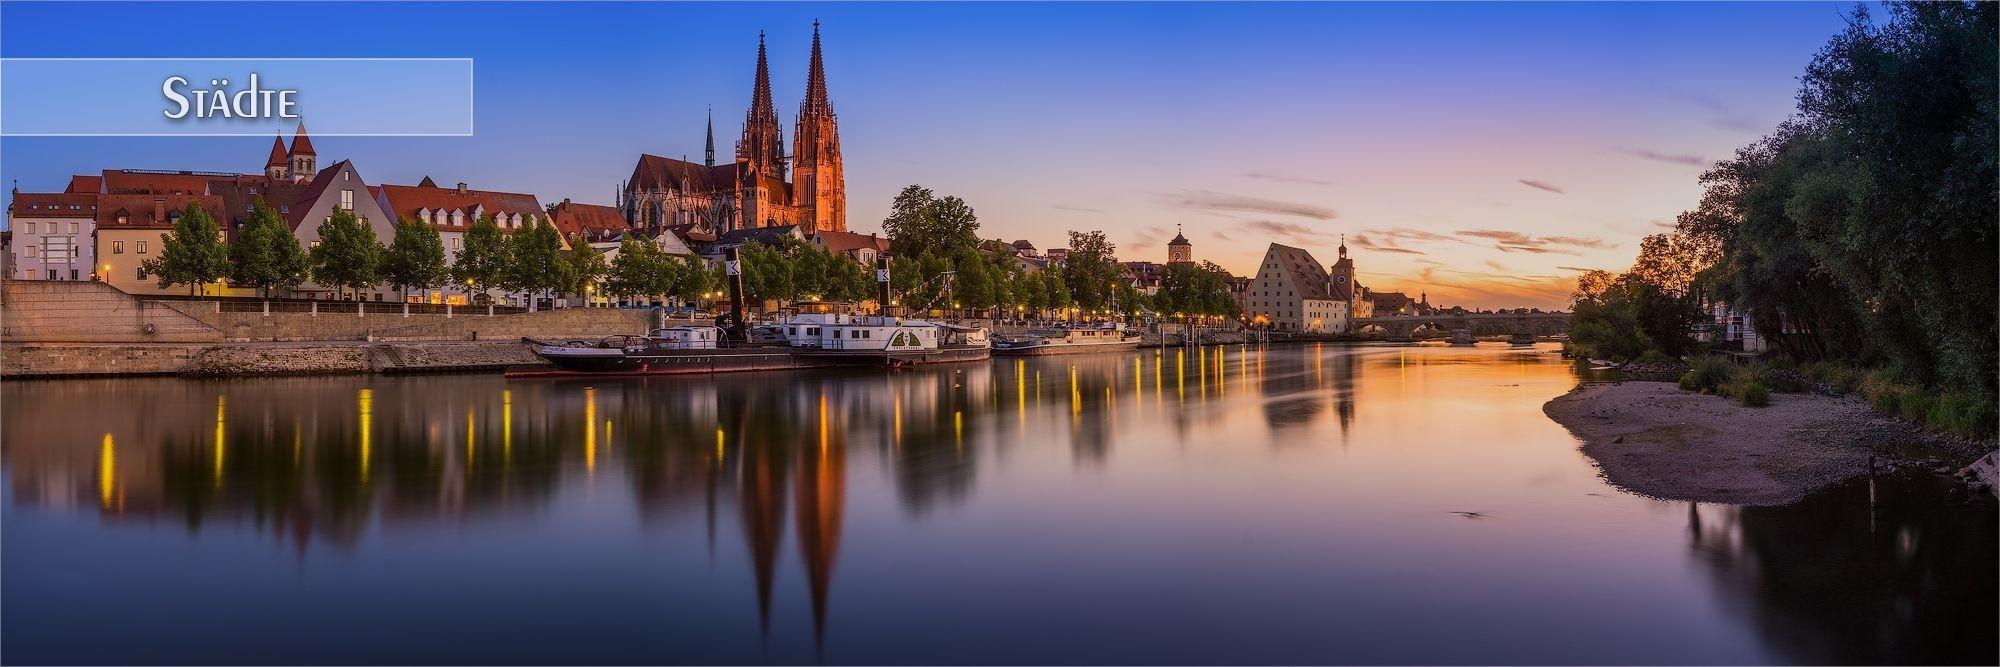 Bilder deutscher Städte als Wandbild oder Küchenrückwand